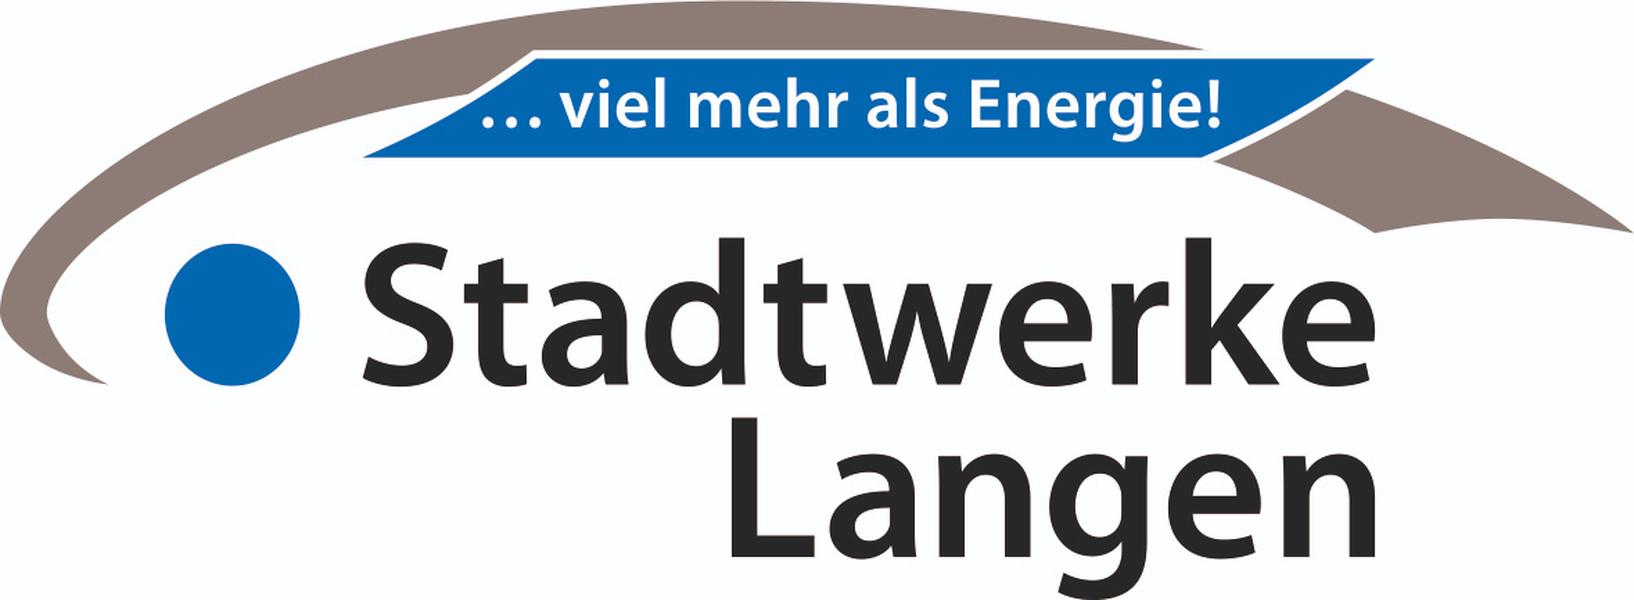 Stadtwerke Langen